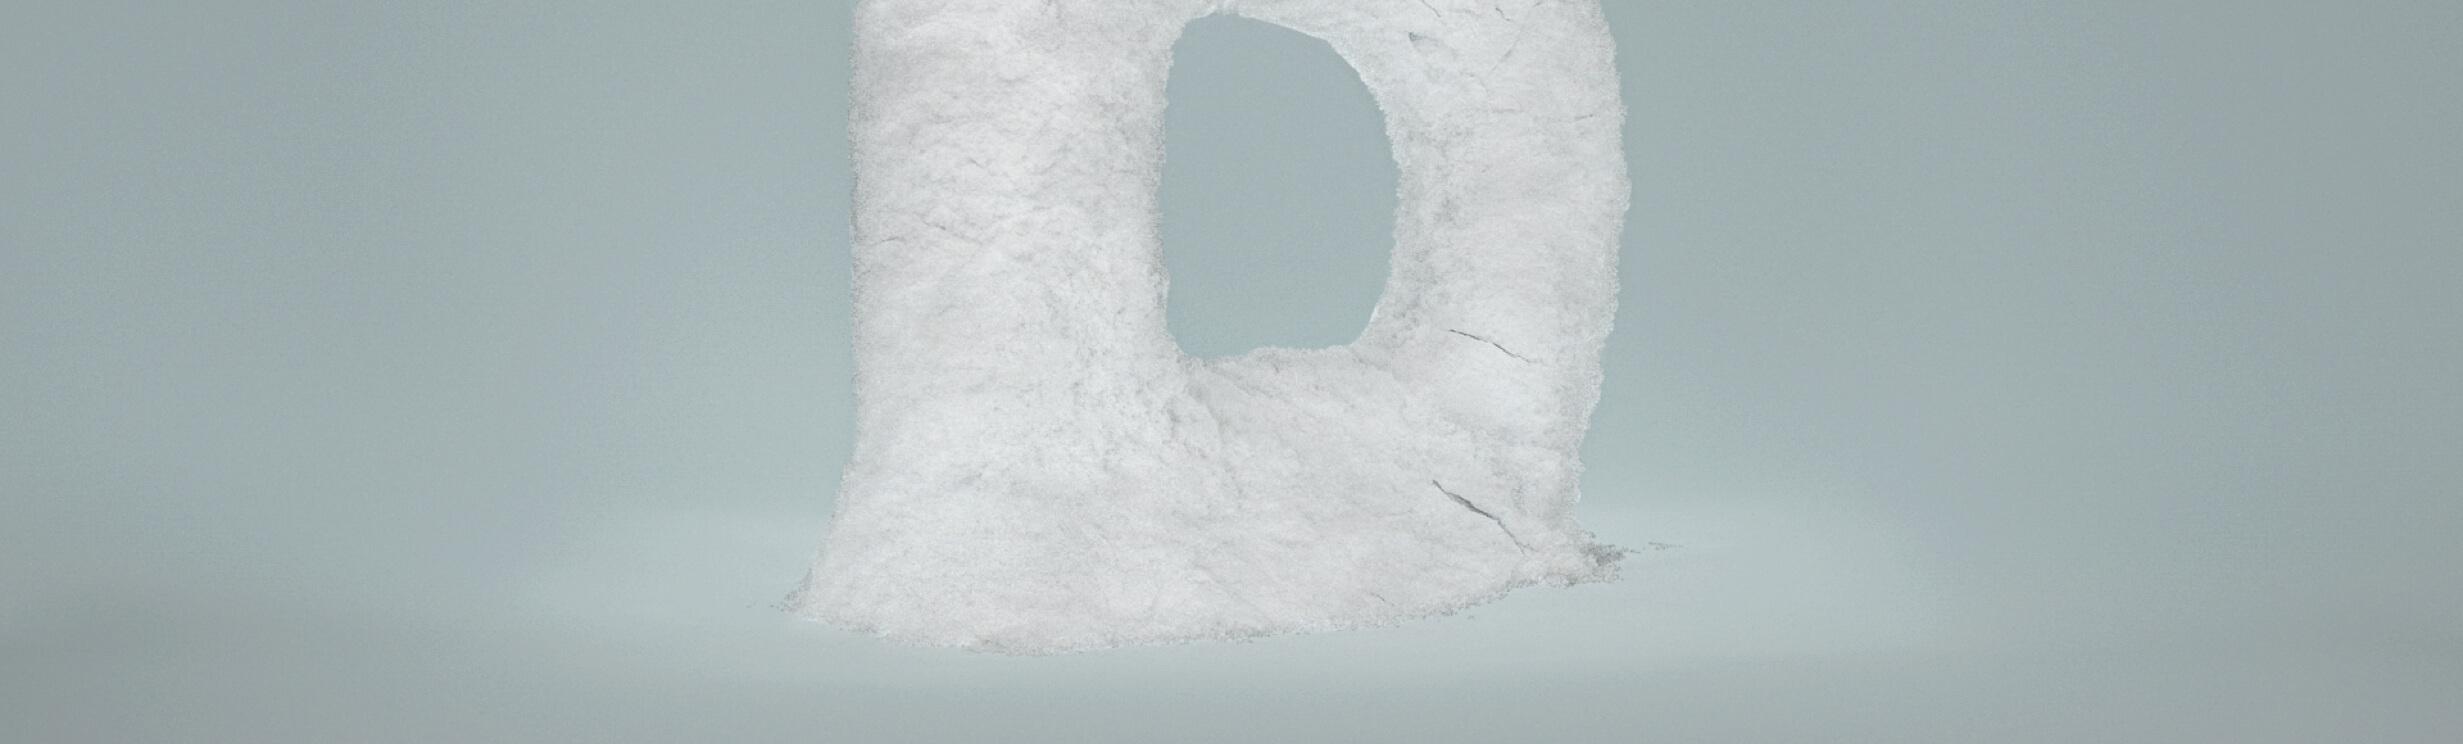 ein grosses D aus weissem Pulver